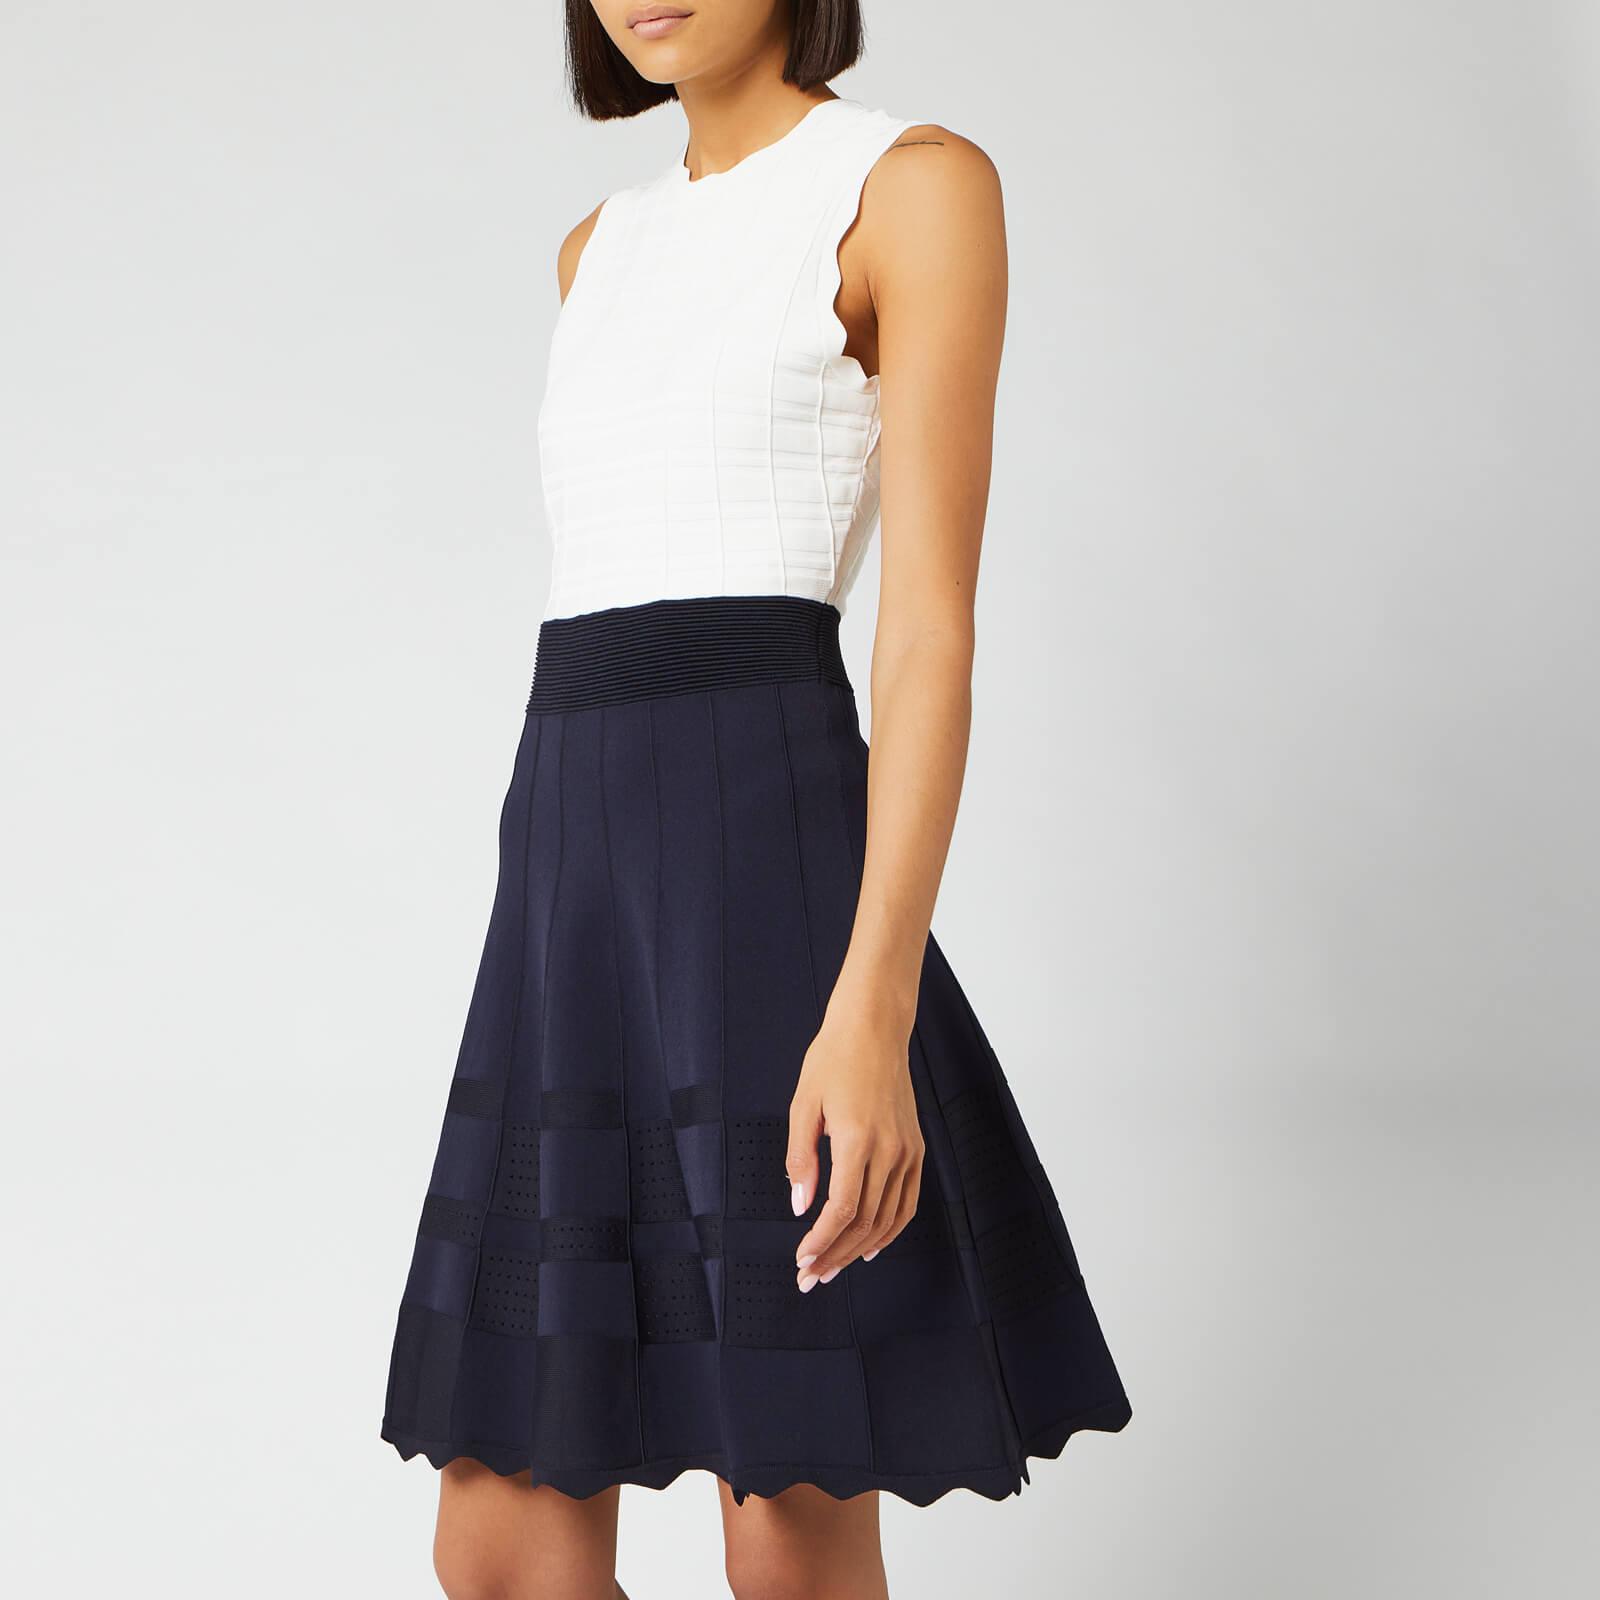 Ted Baker Women's Polino Contrast Skirt Knitted Dress - Dark Blue - 4/UK 14 - Blue